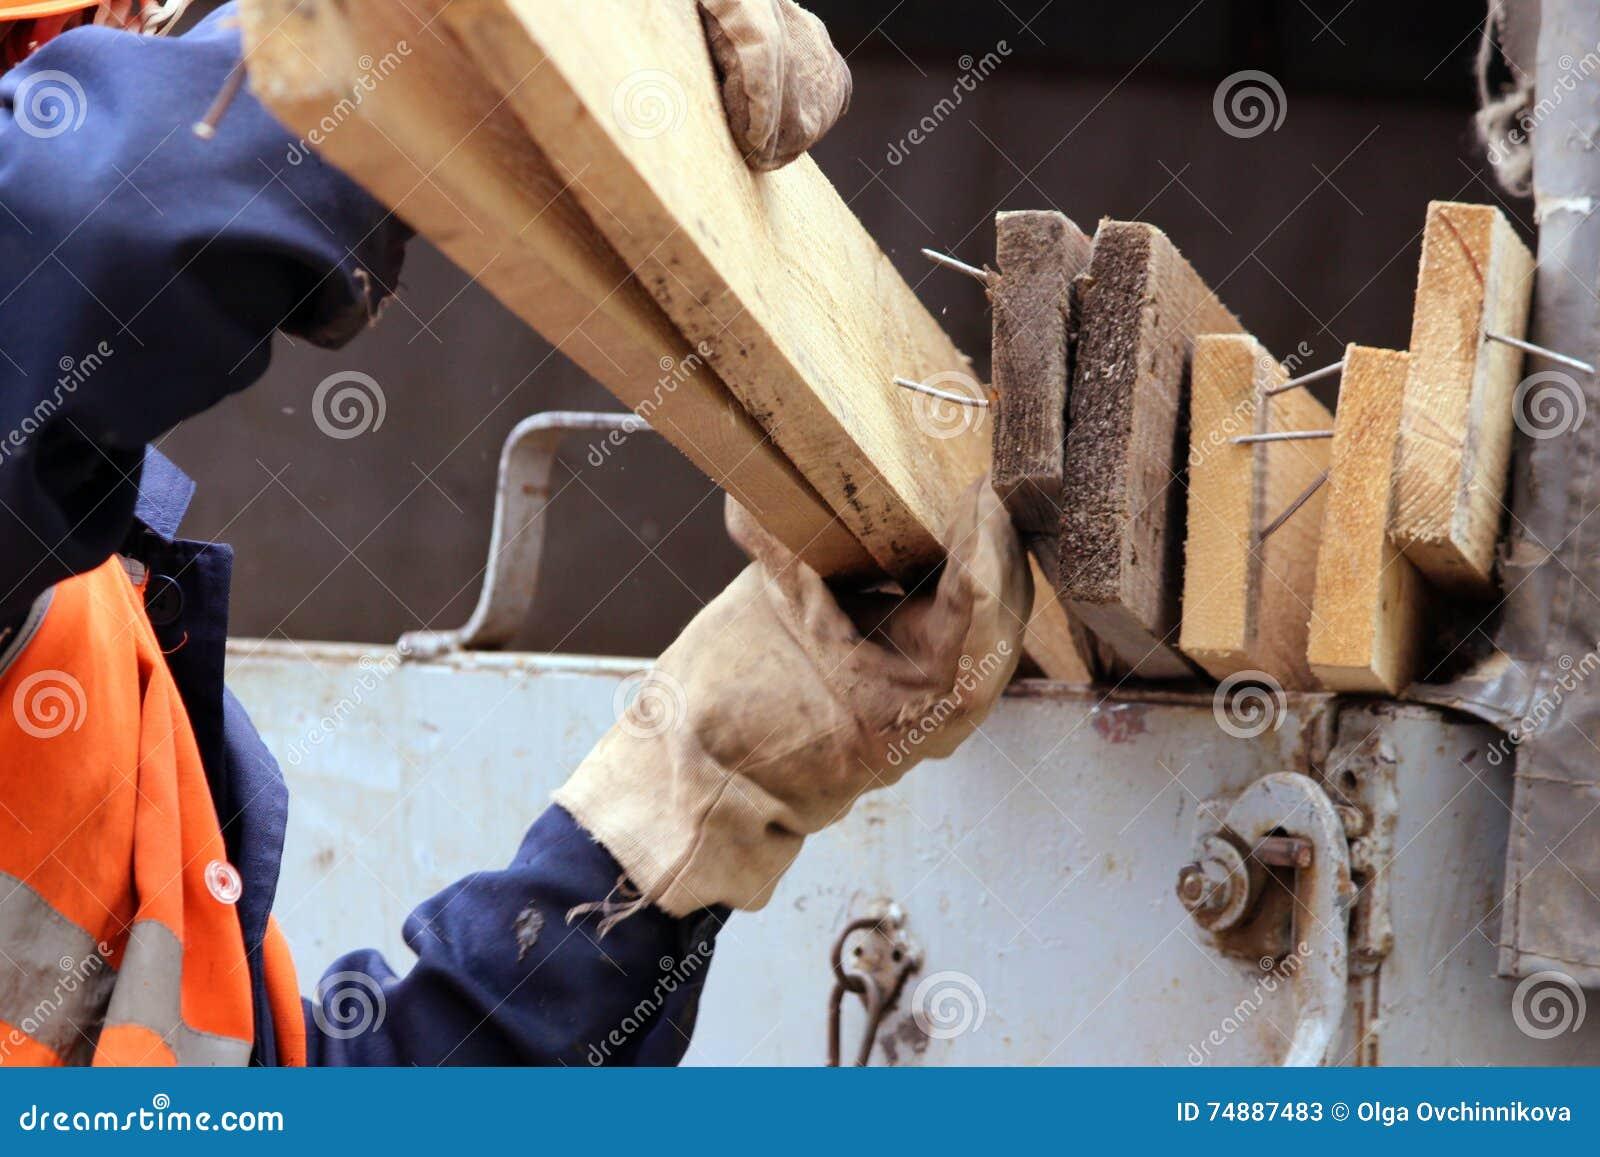 O trabalhador nas luvas está carregando pranchas no caminhão